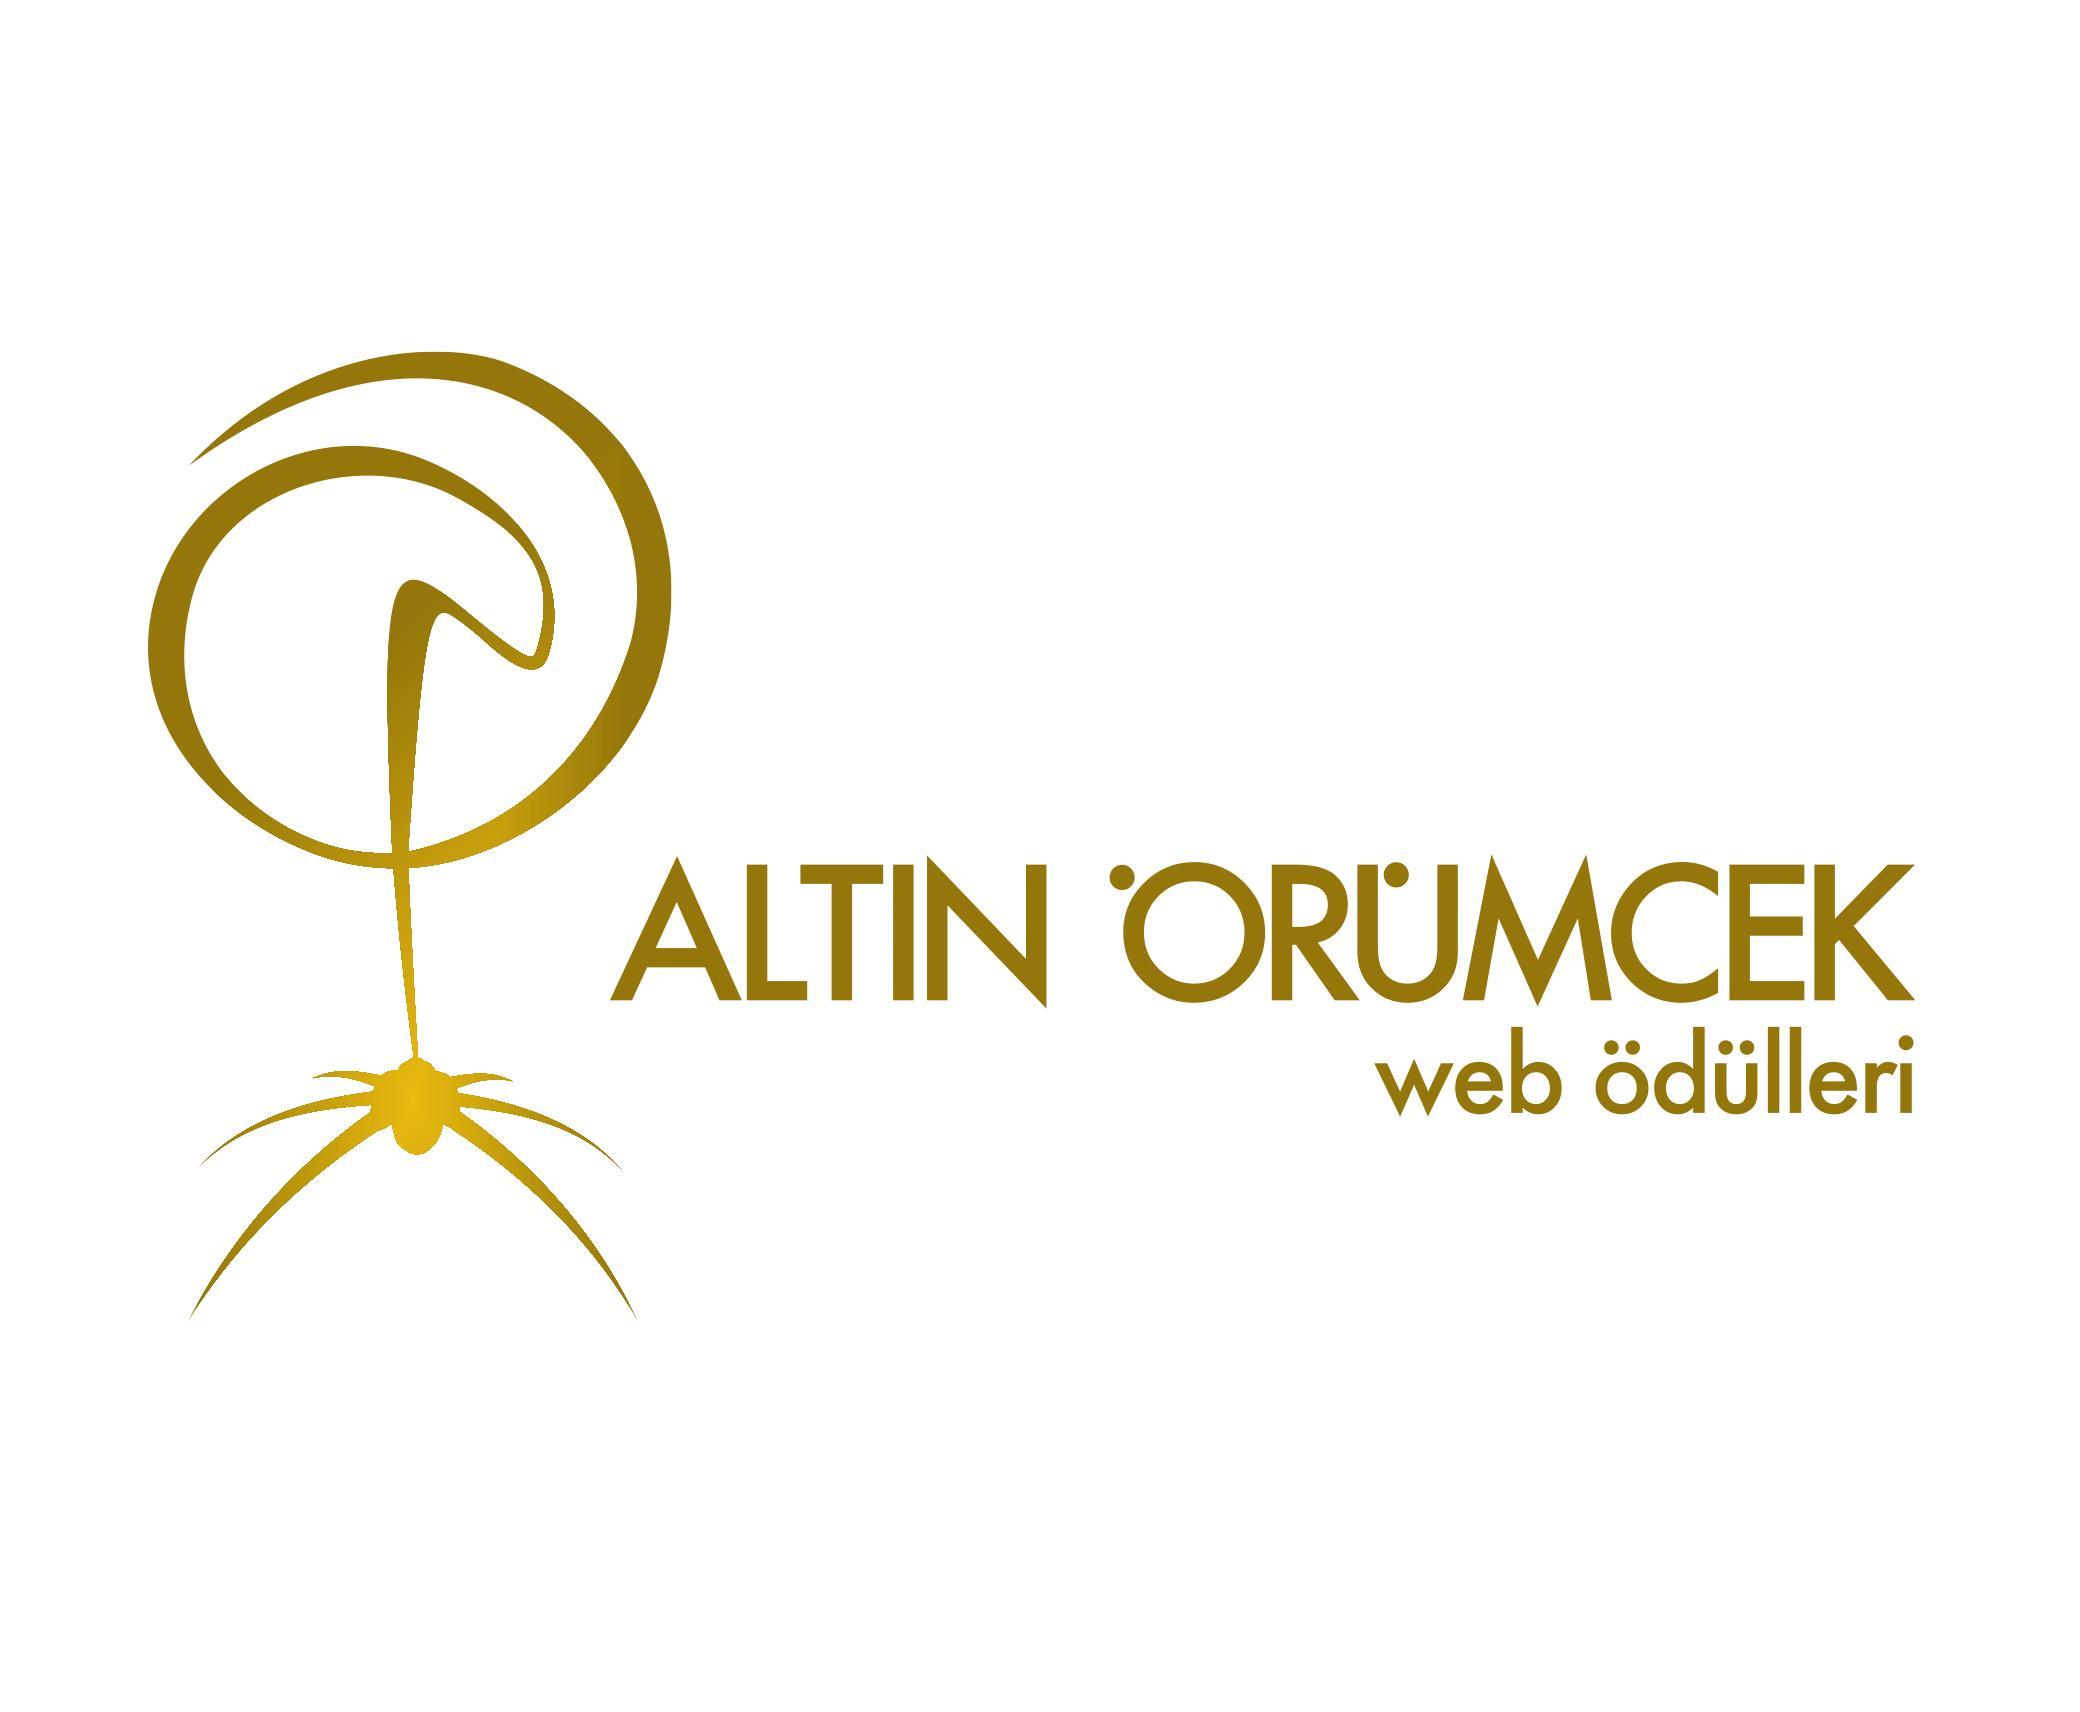 """Yenibiris.com Altın Örümcek'te """"Halkın Favorisi"""" oldu"""